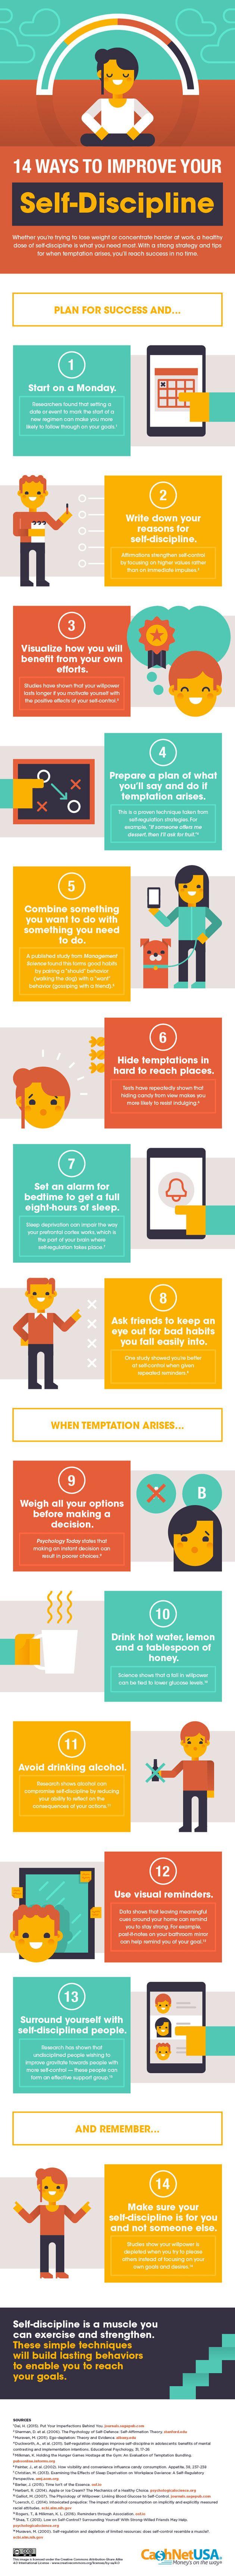 14 Ways To Help Improve Your